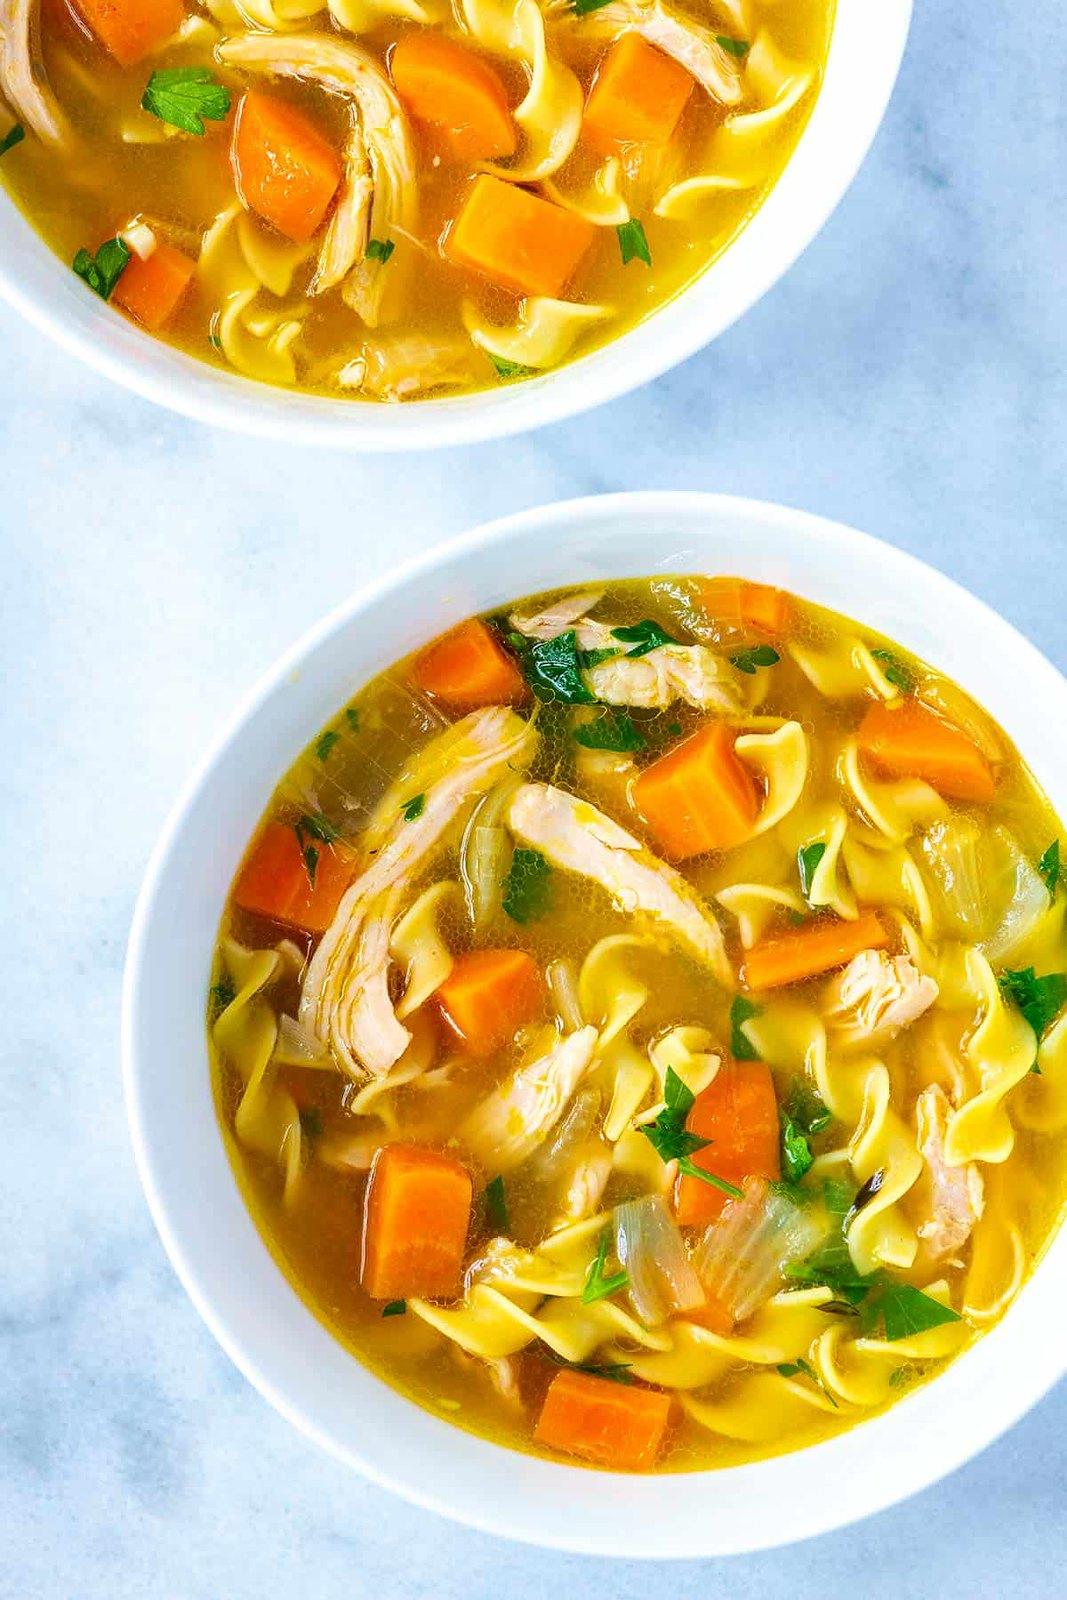 Easy-Chicken-Noodle-Soup-Recipe-1-1200